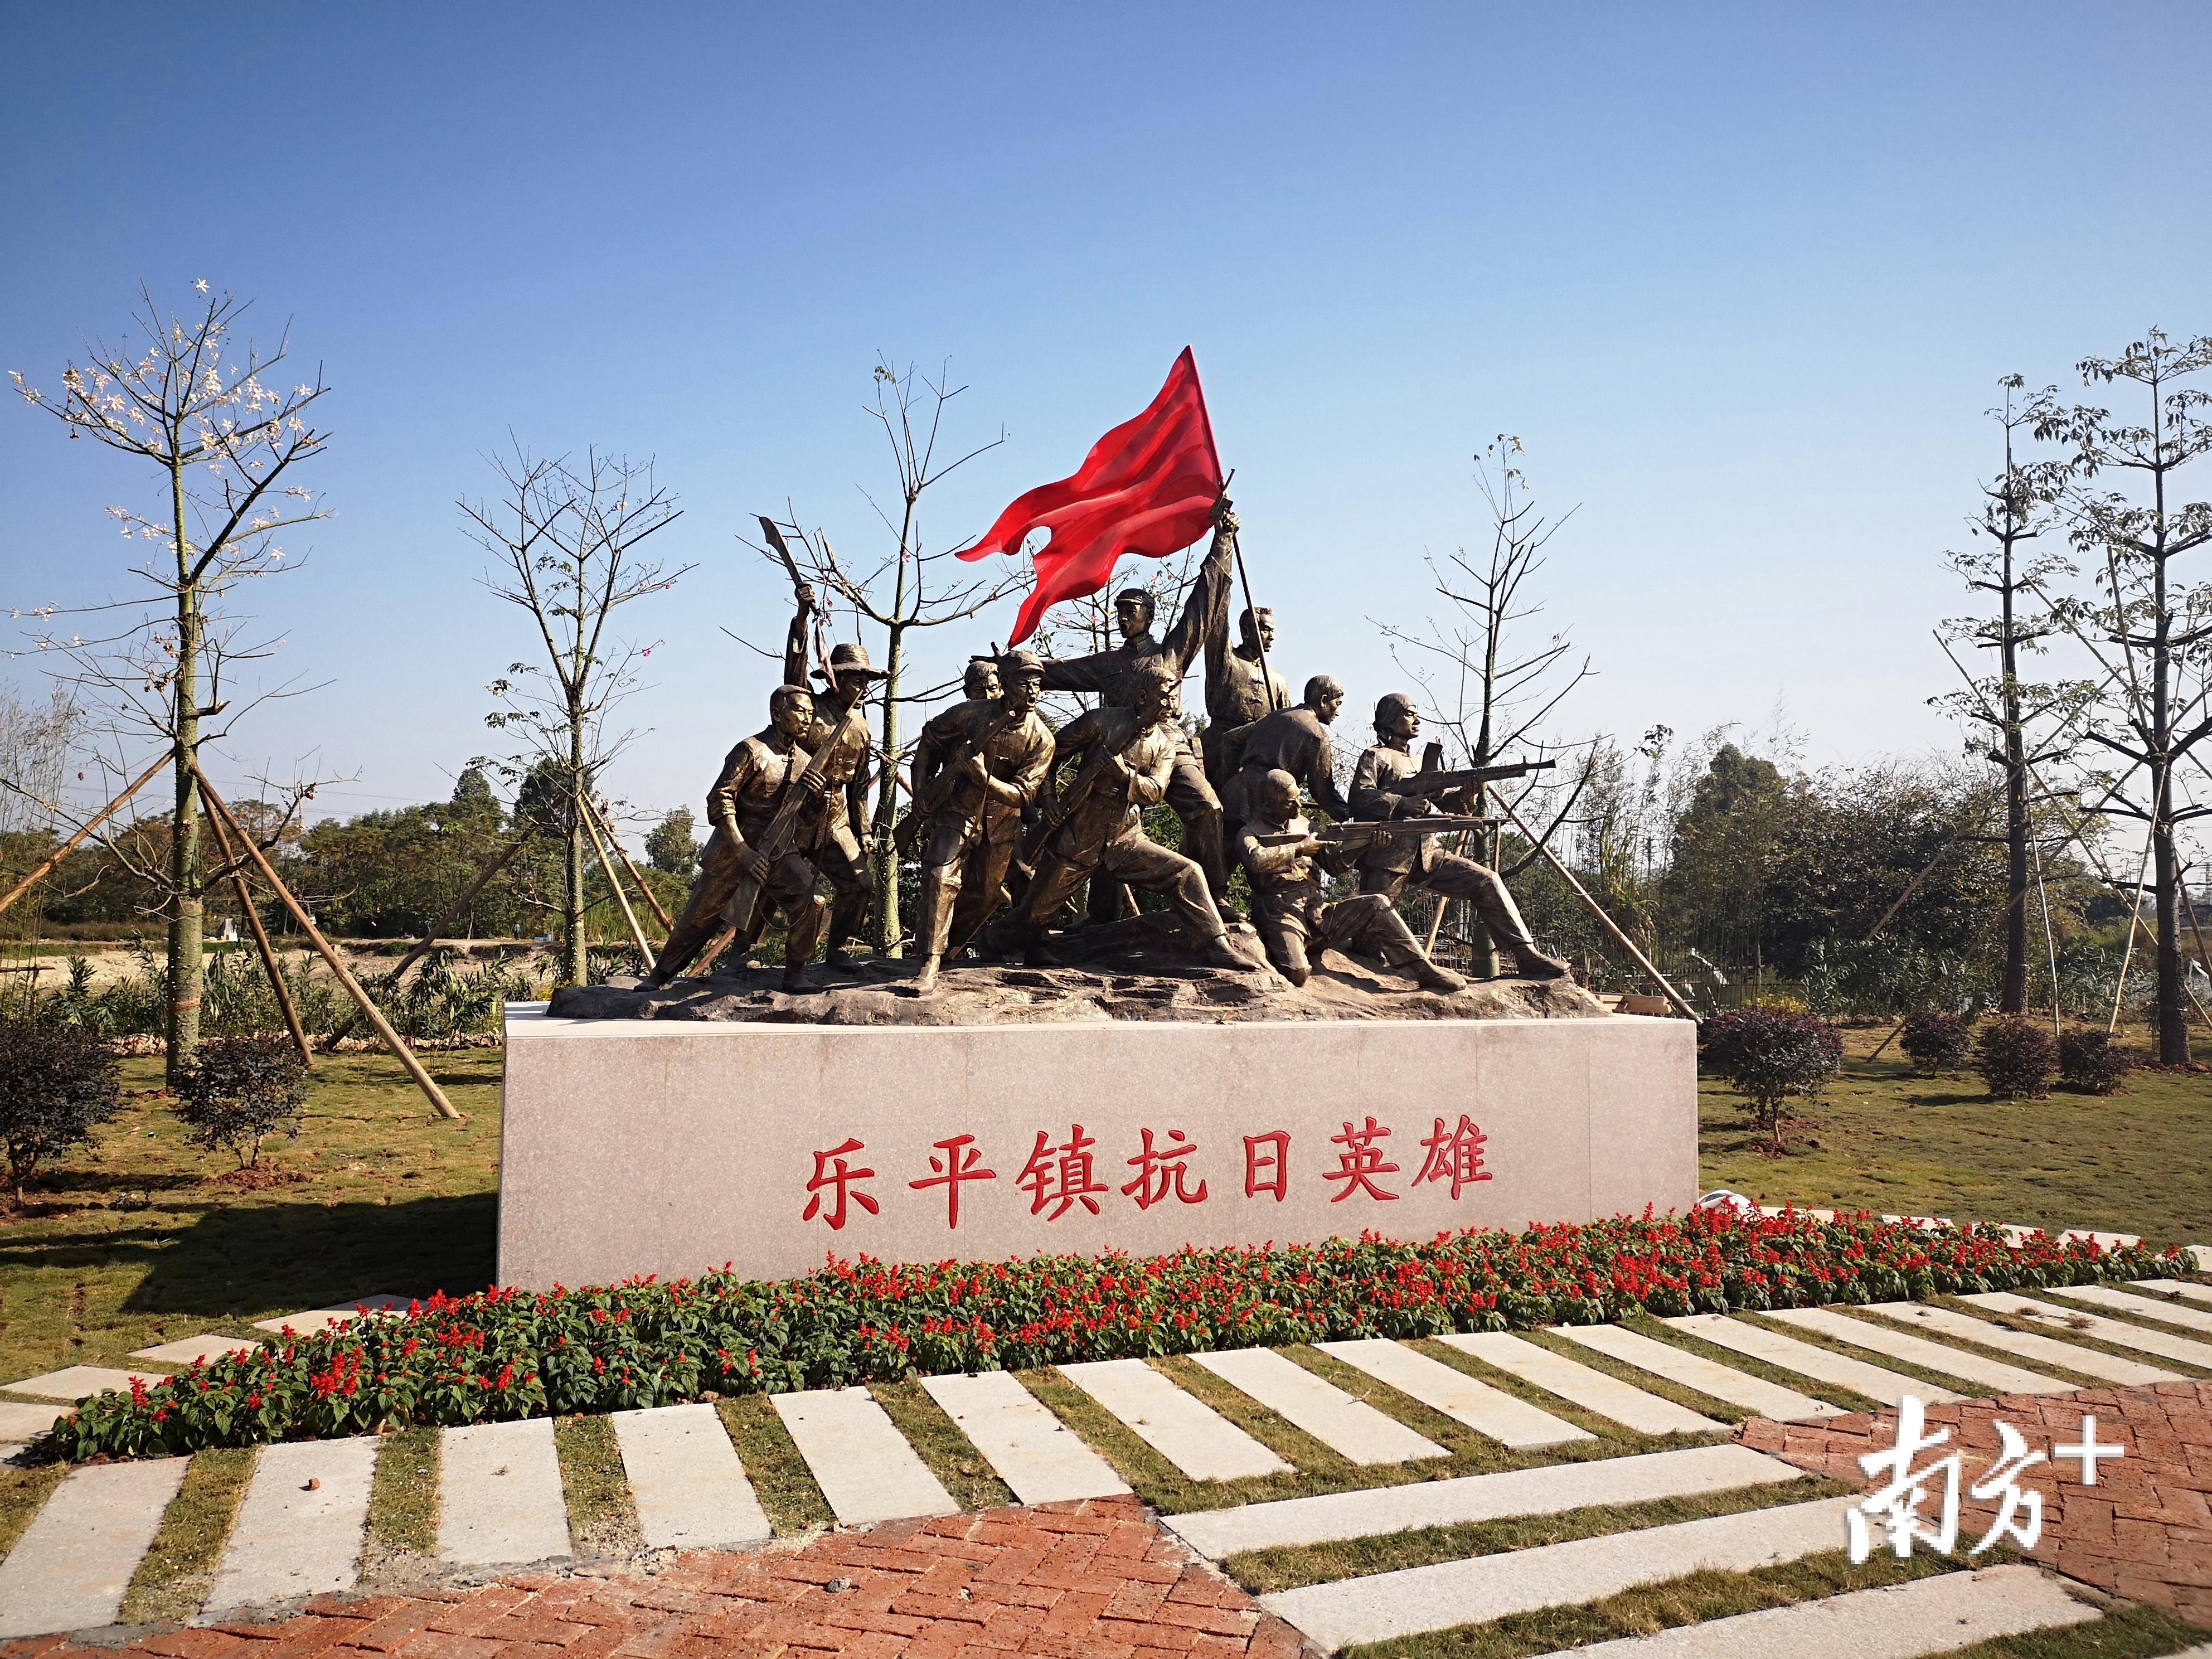 礼运路深挖本土历史人文元素,总结提炼出冠军文化、儒家文化、红色文化、广府文化。卢浩能 摄